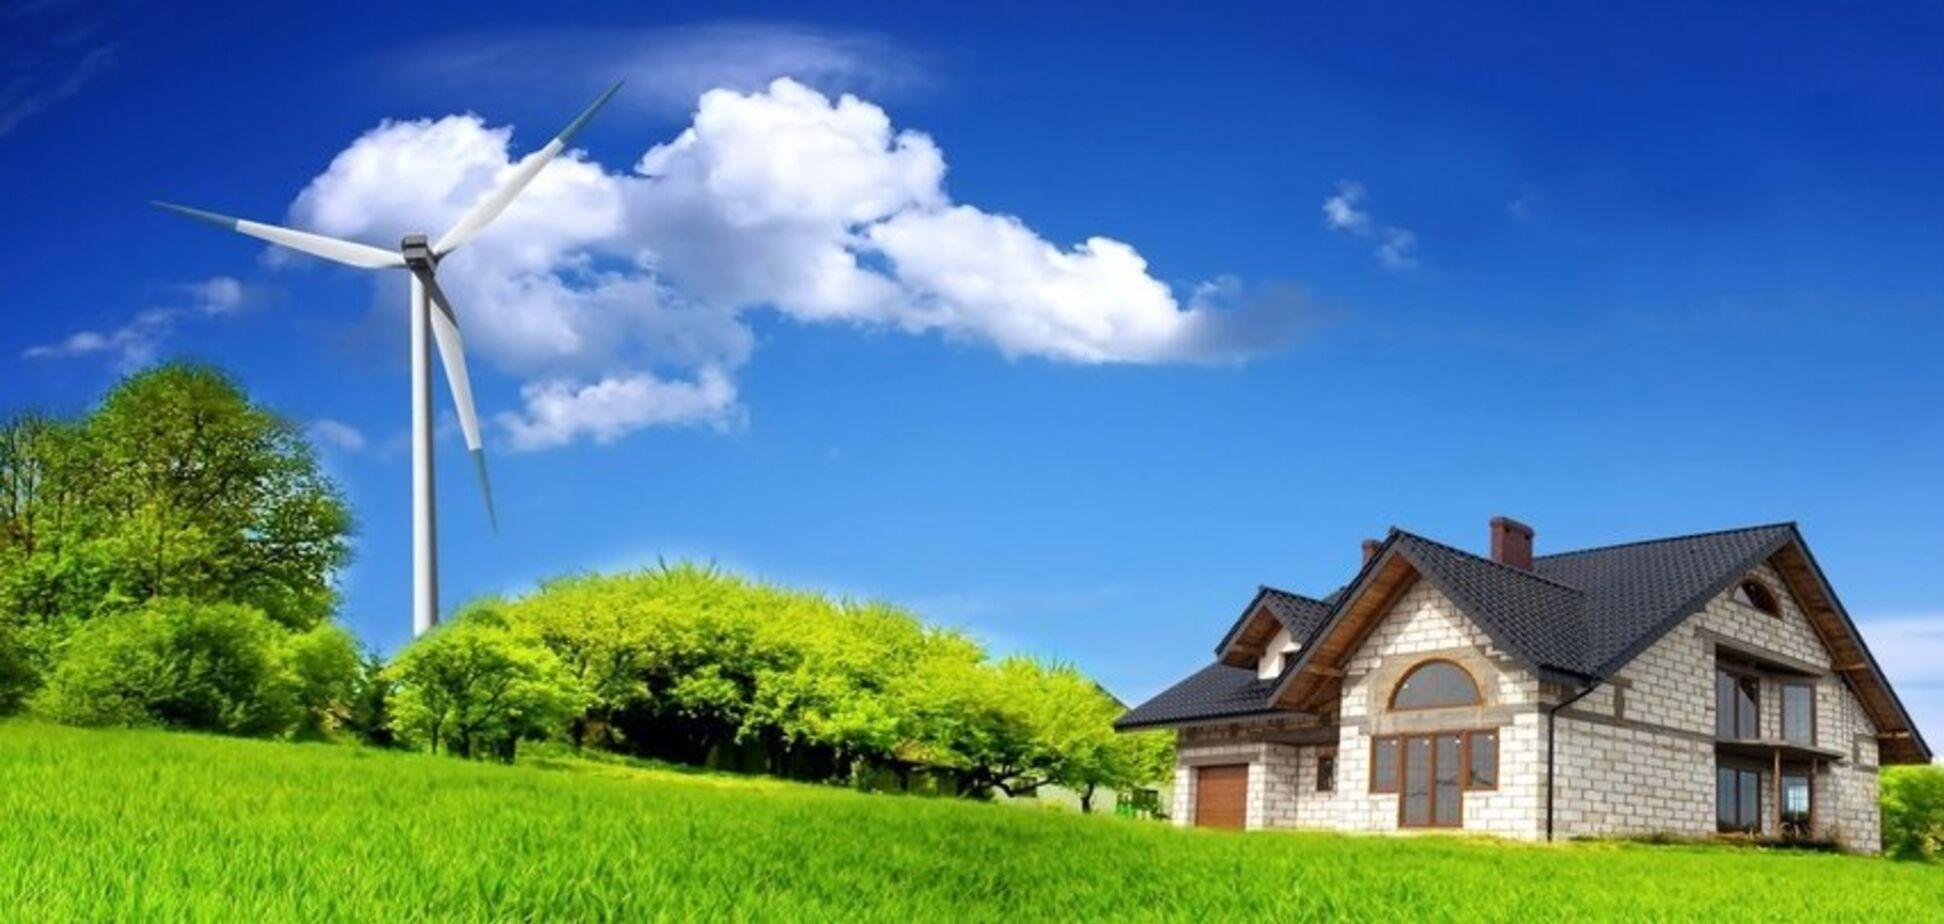 Скільки можна заробити на домашньому вітряку: названо цифру